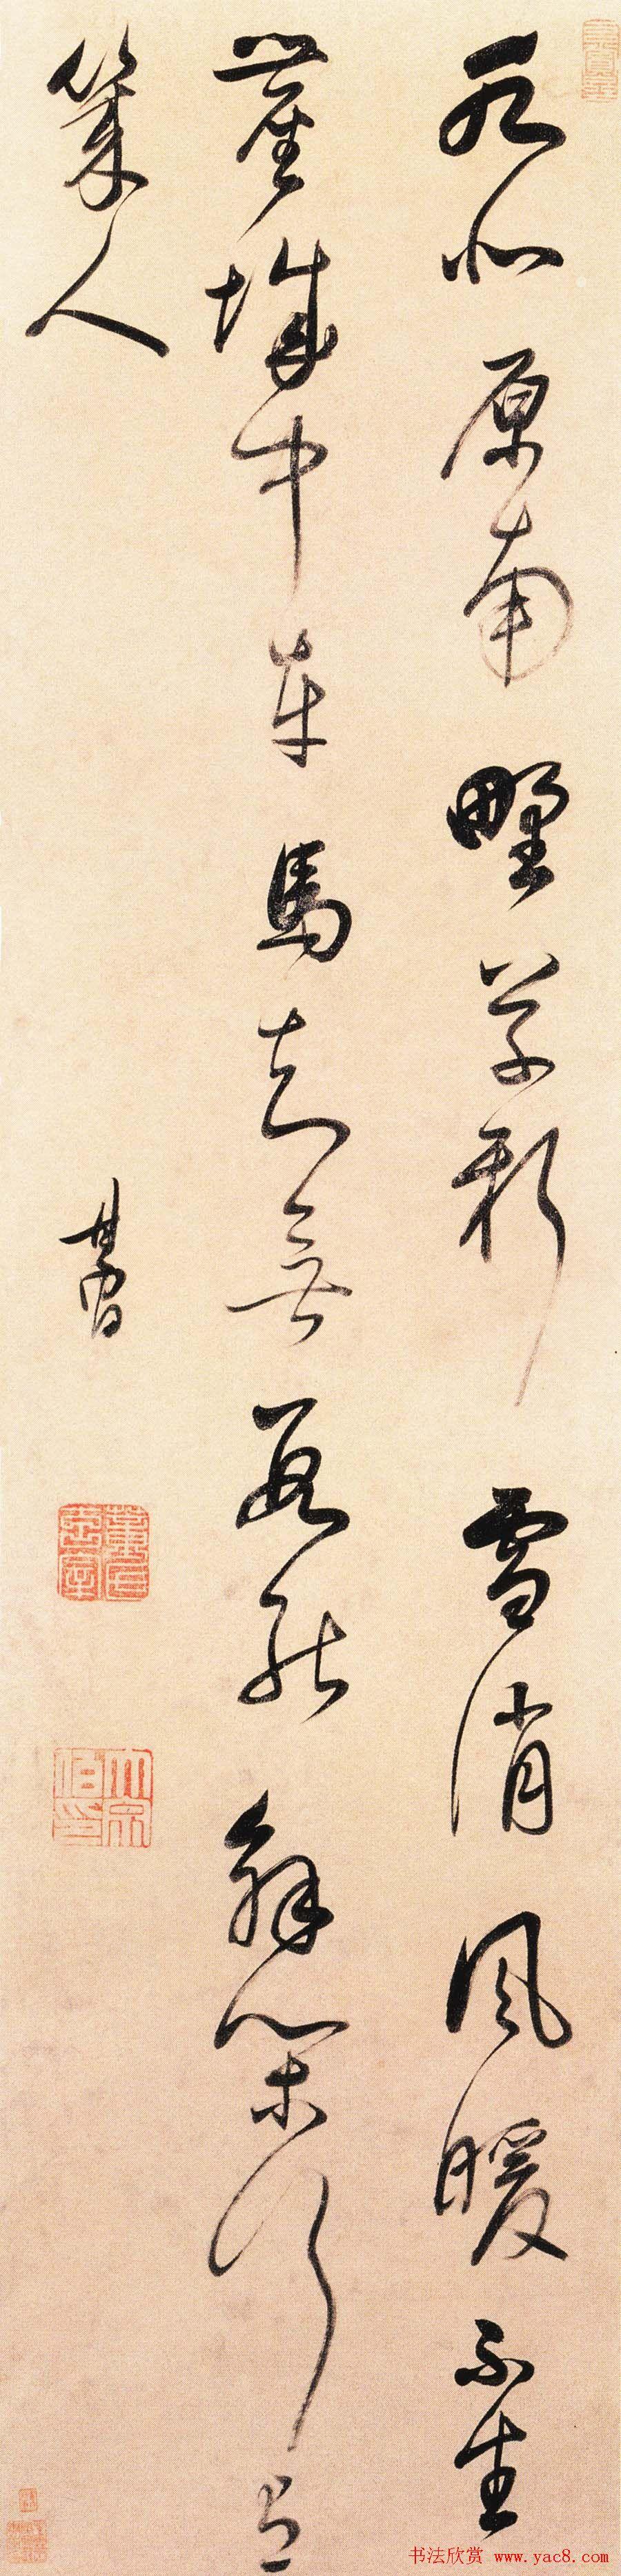 董其昌草书作品欣赏《张籍七言诗轴》